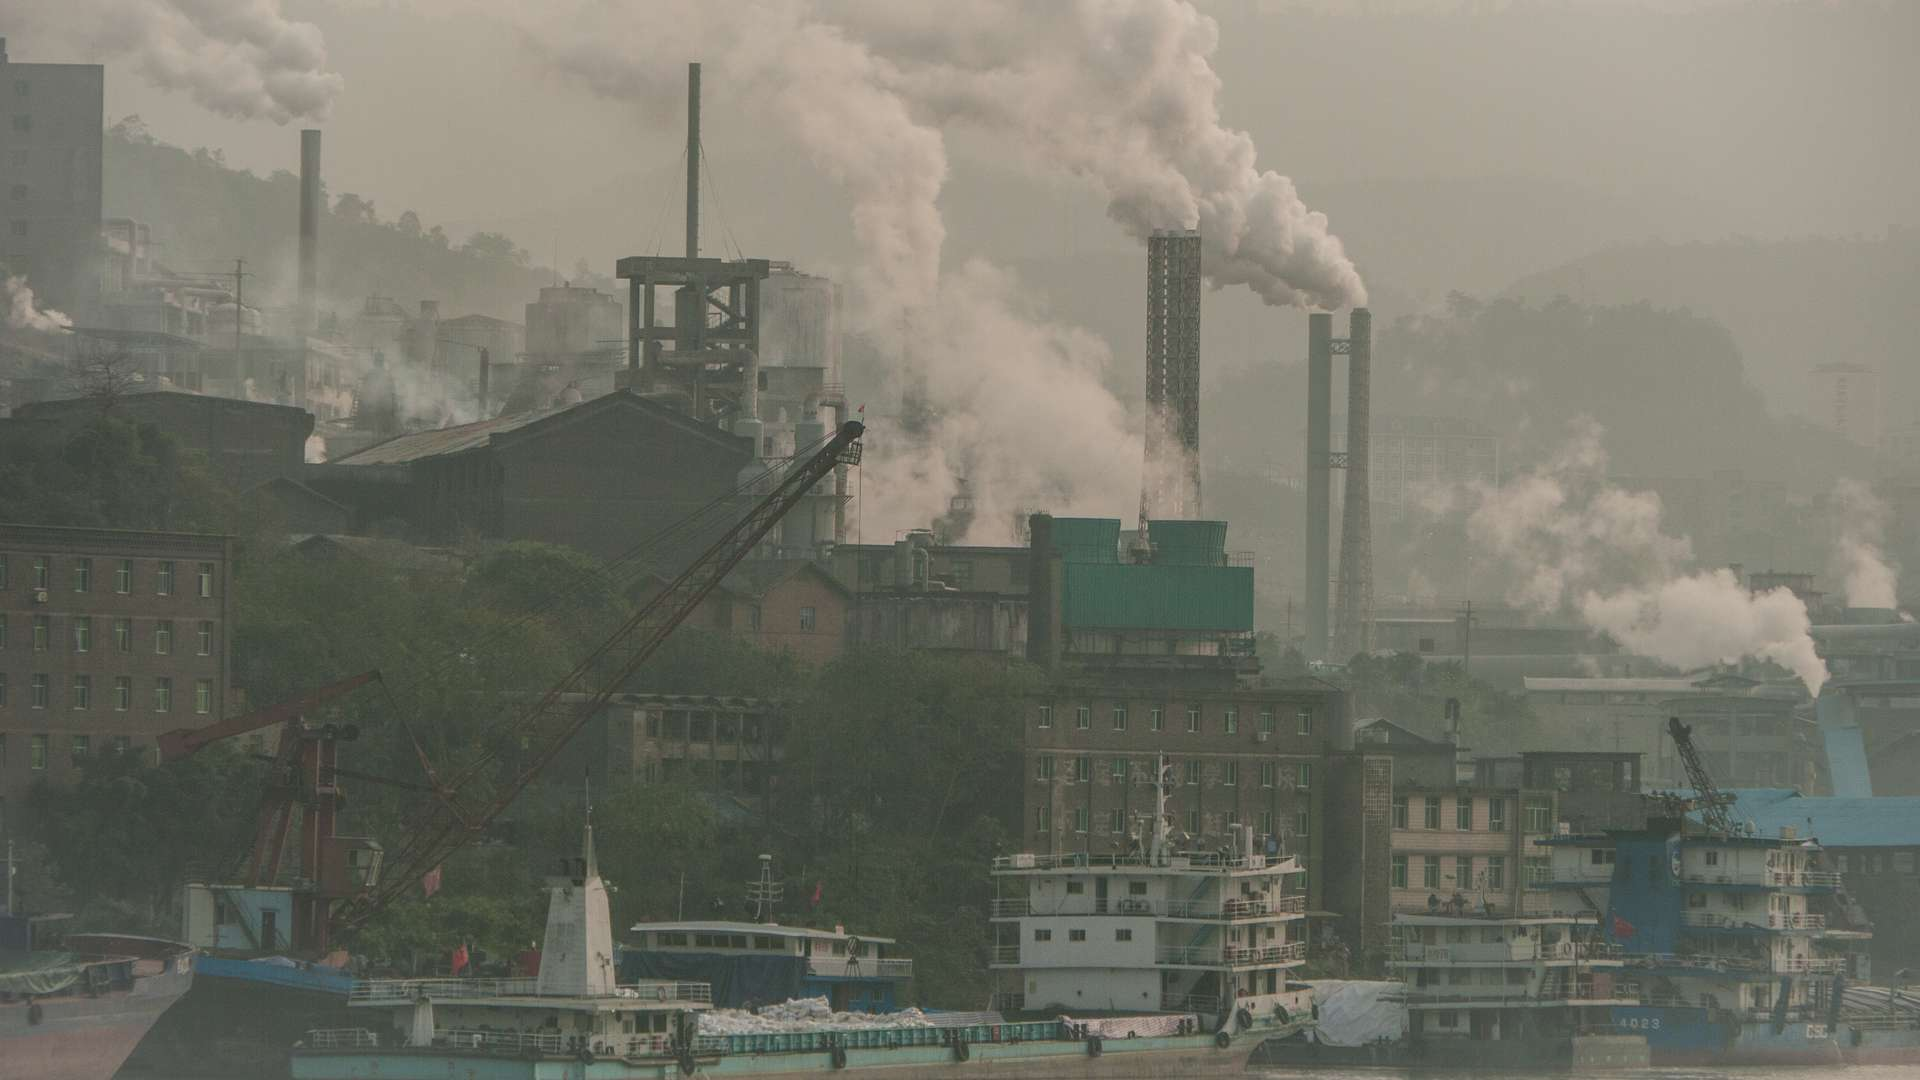 Les mesures prises pour enrayer la propagation du coronavirus ont eu un impact positif sur la pollution de l'air en Chine. © dblumenberg, Adobe Stock